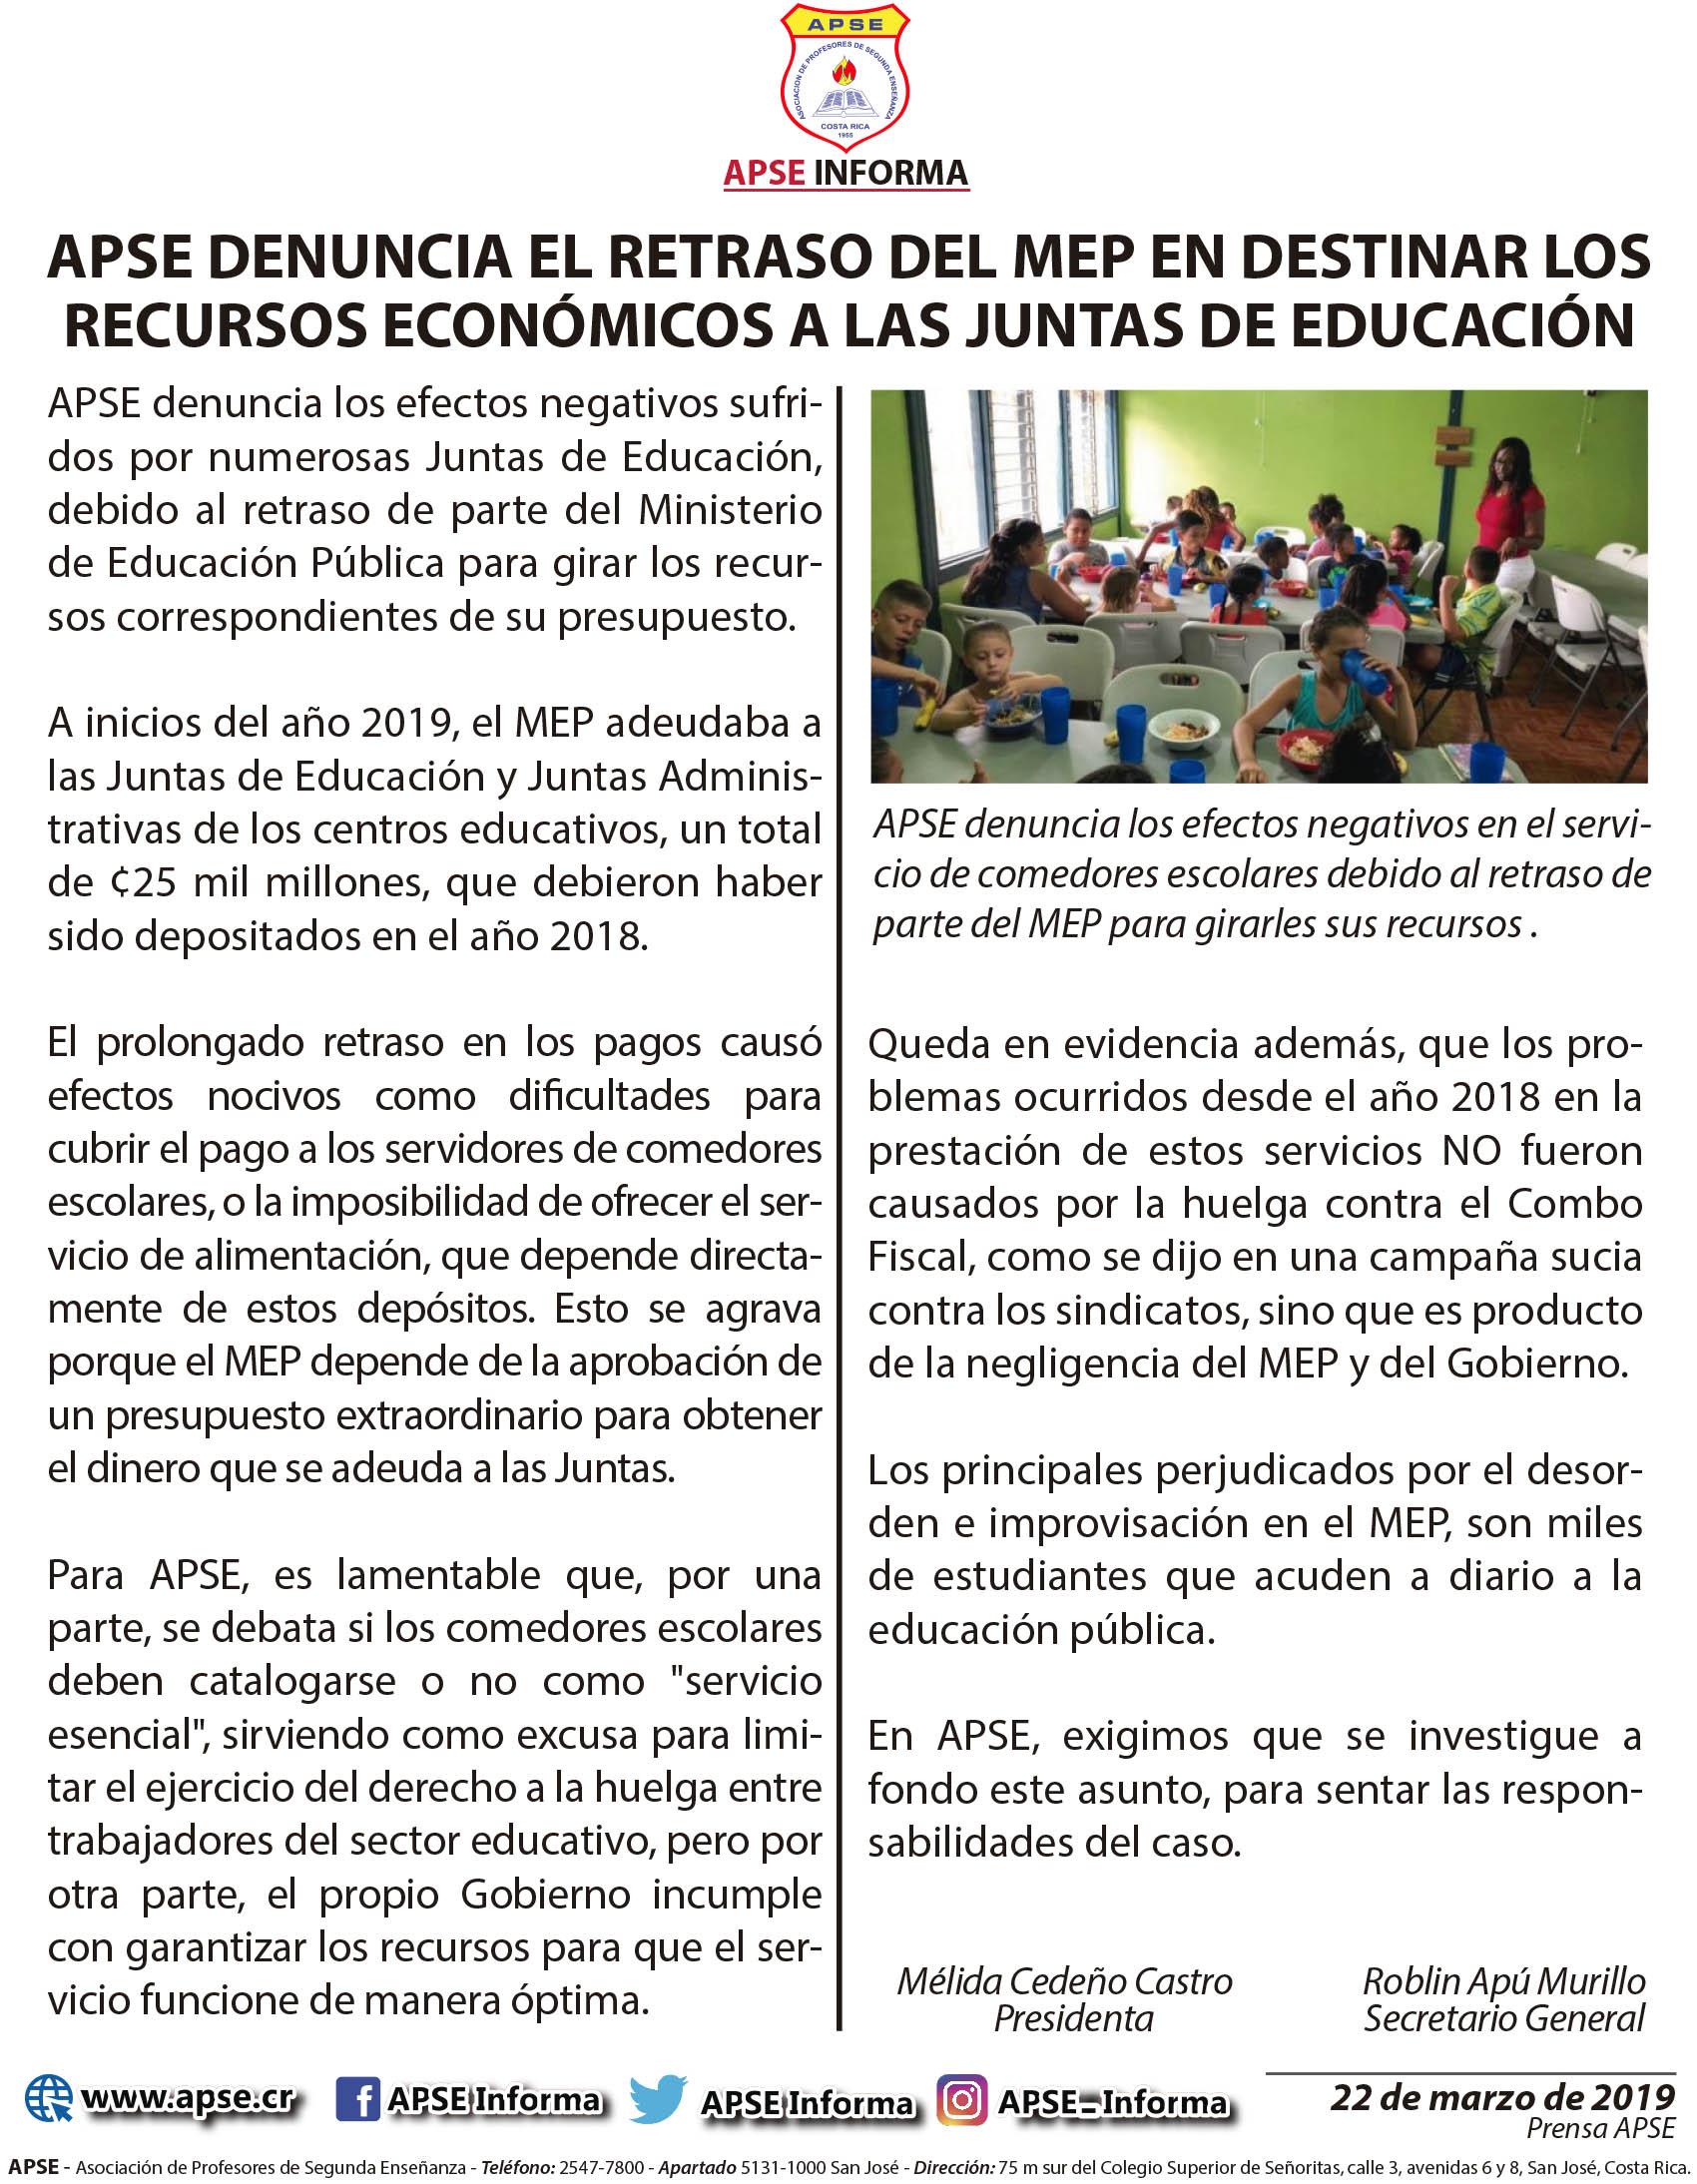 APSE DENUNCIA EL RETRASO DEL MEP EN DESTINAR LOS RECURSOS ECONÓMICOS A LAS JUNTAS DE EDUCACIÓN